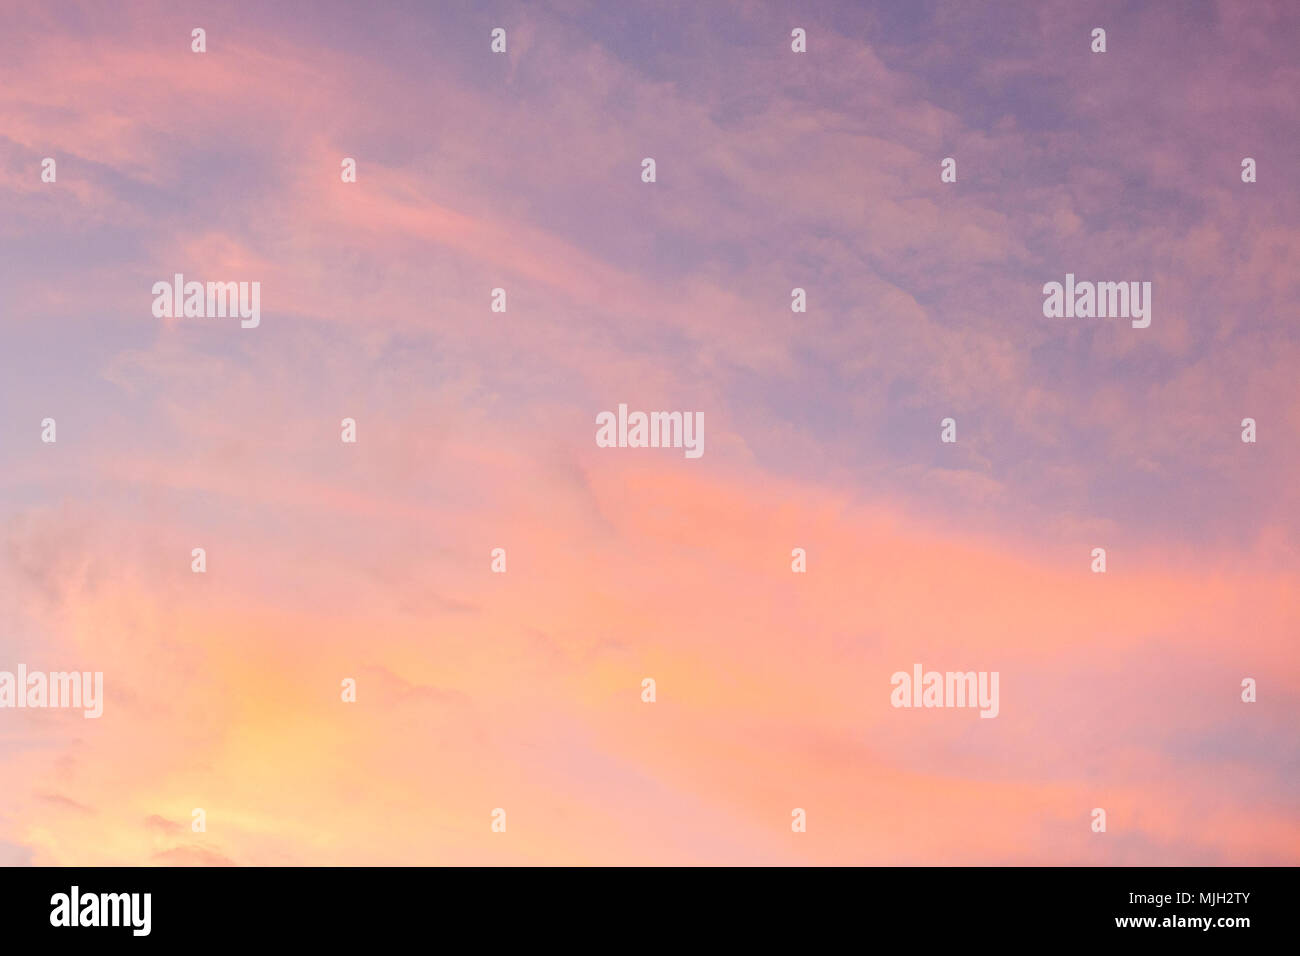 Serenity Blue And Rose Quartz Color Of Evening Sky Sun Set Sky